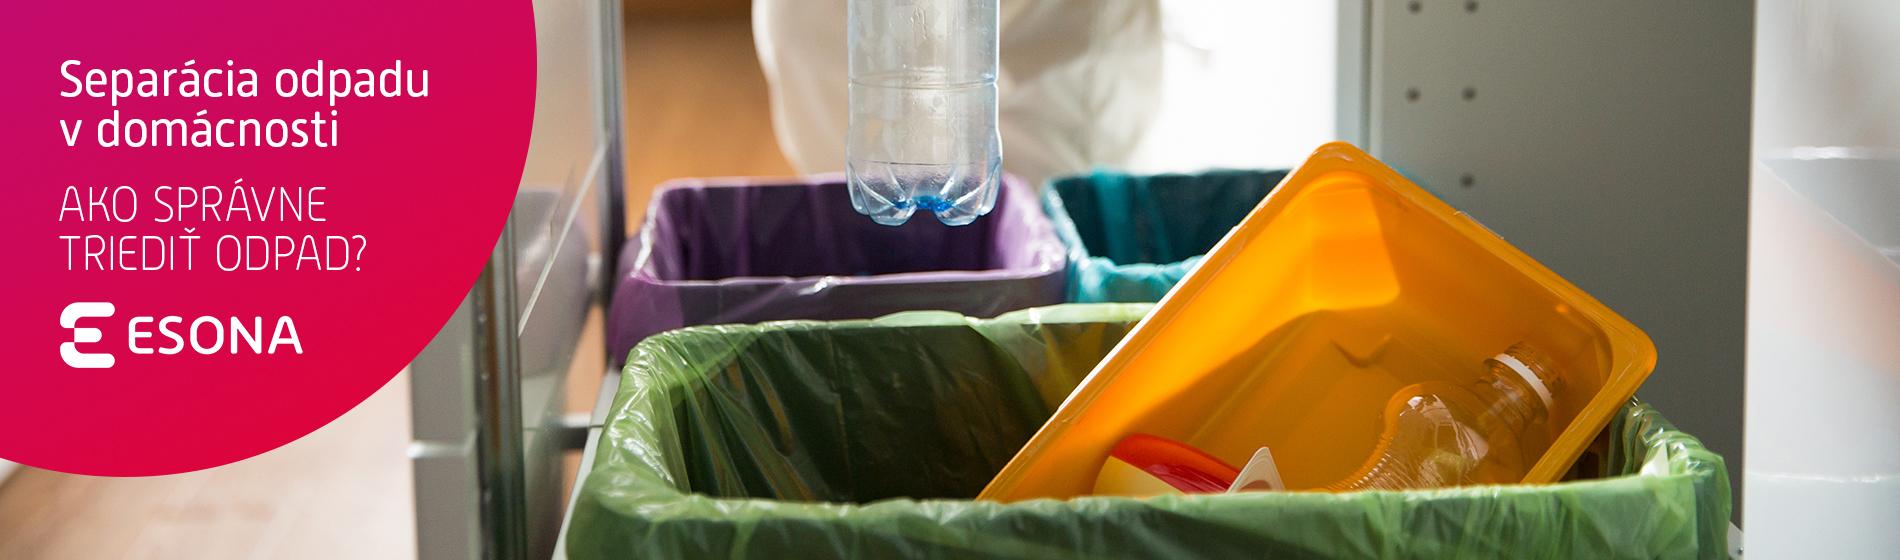 Separácia odpadu v domácnosti. Ako správne triediť odpad?